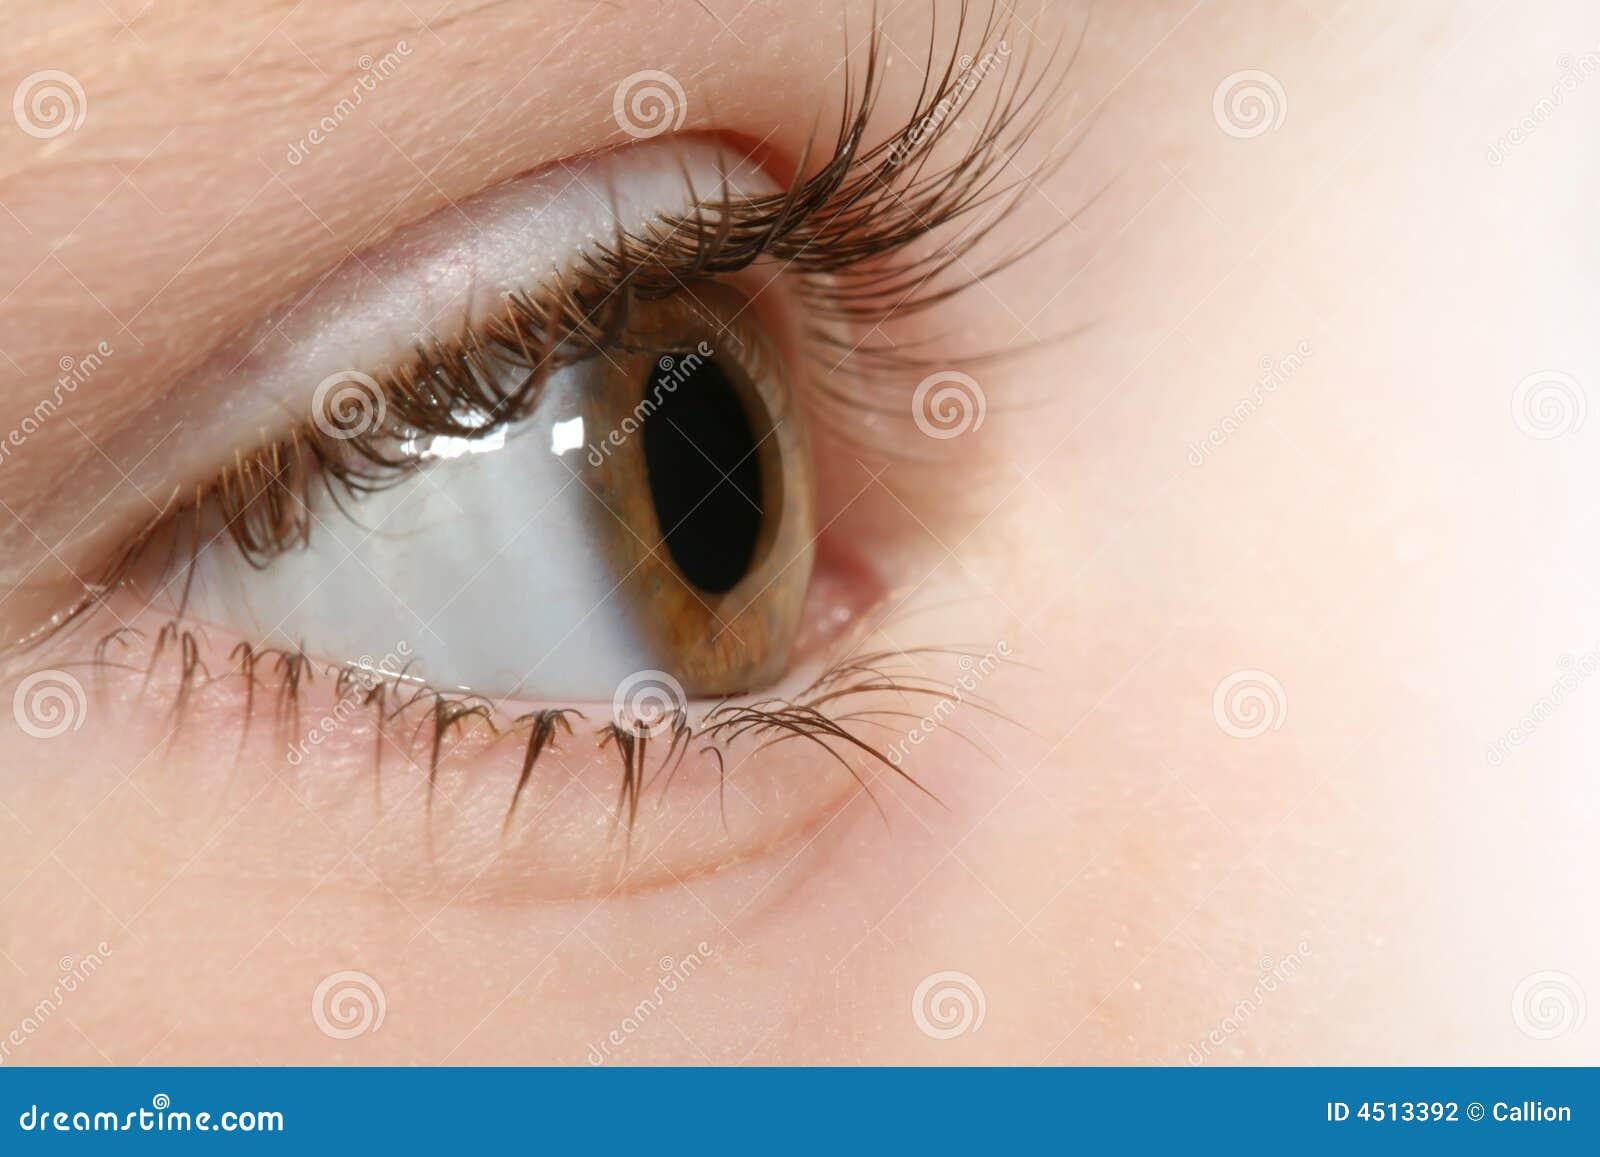 儿童眼睛 图库摄影 - 图片